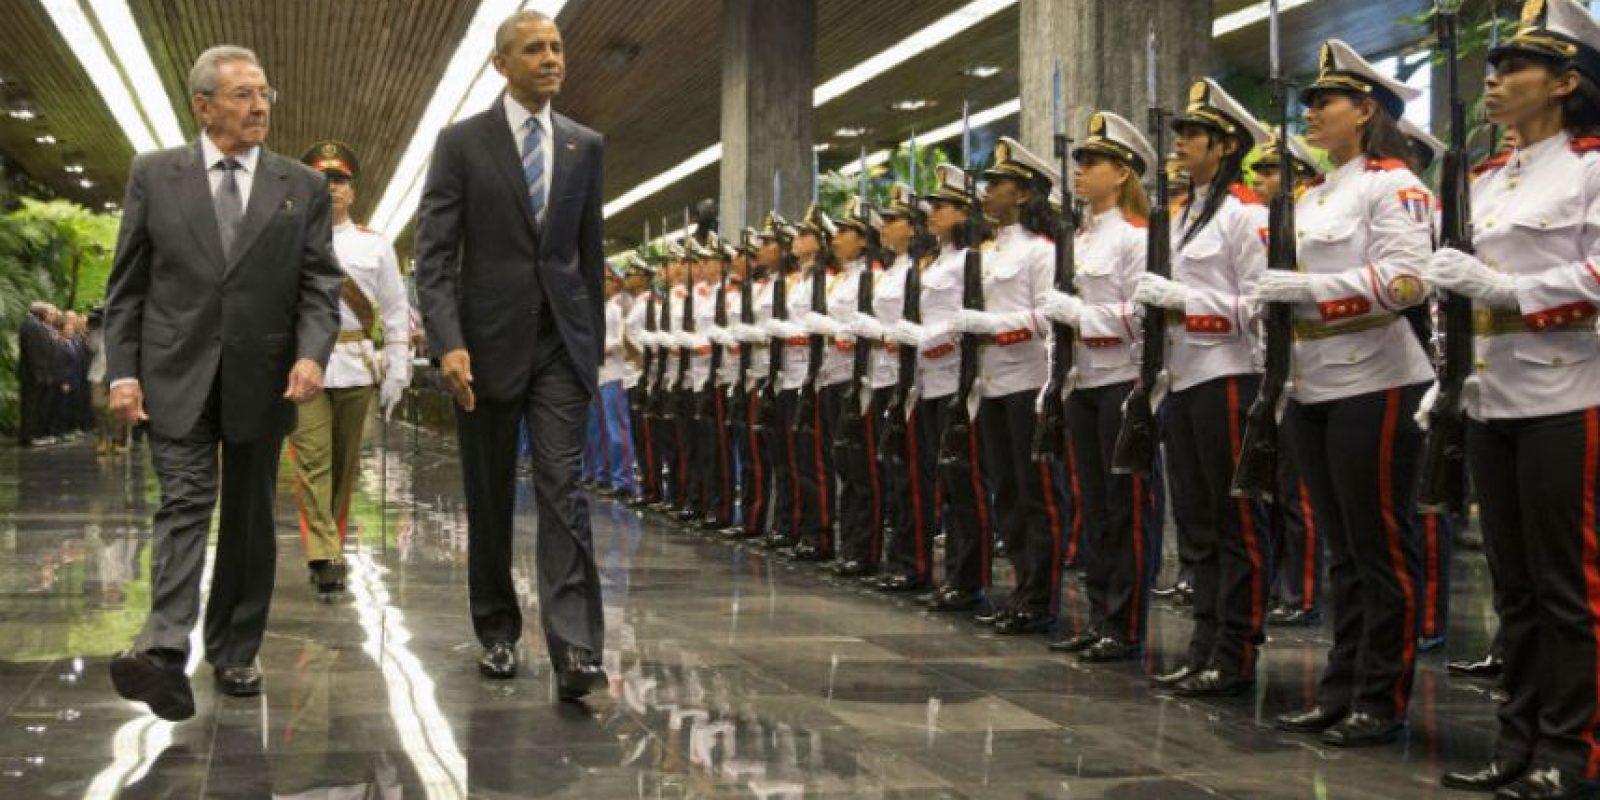 Encuentro entre Castro y Obama Foto:AP